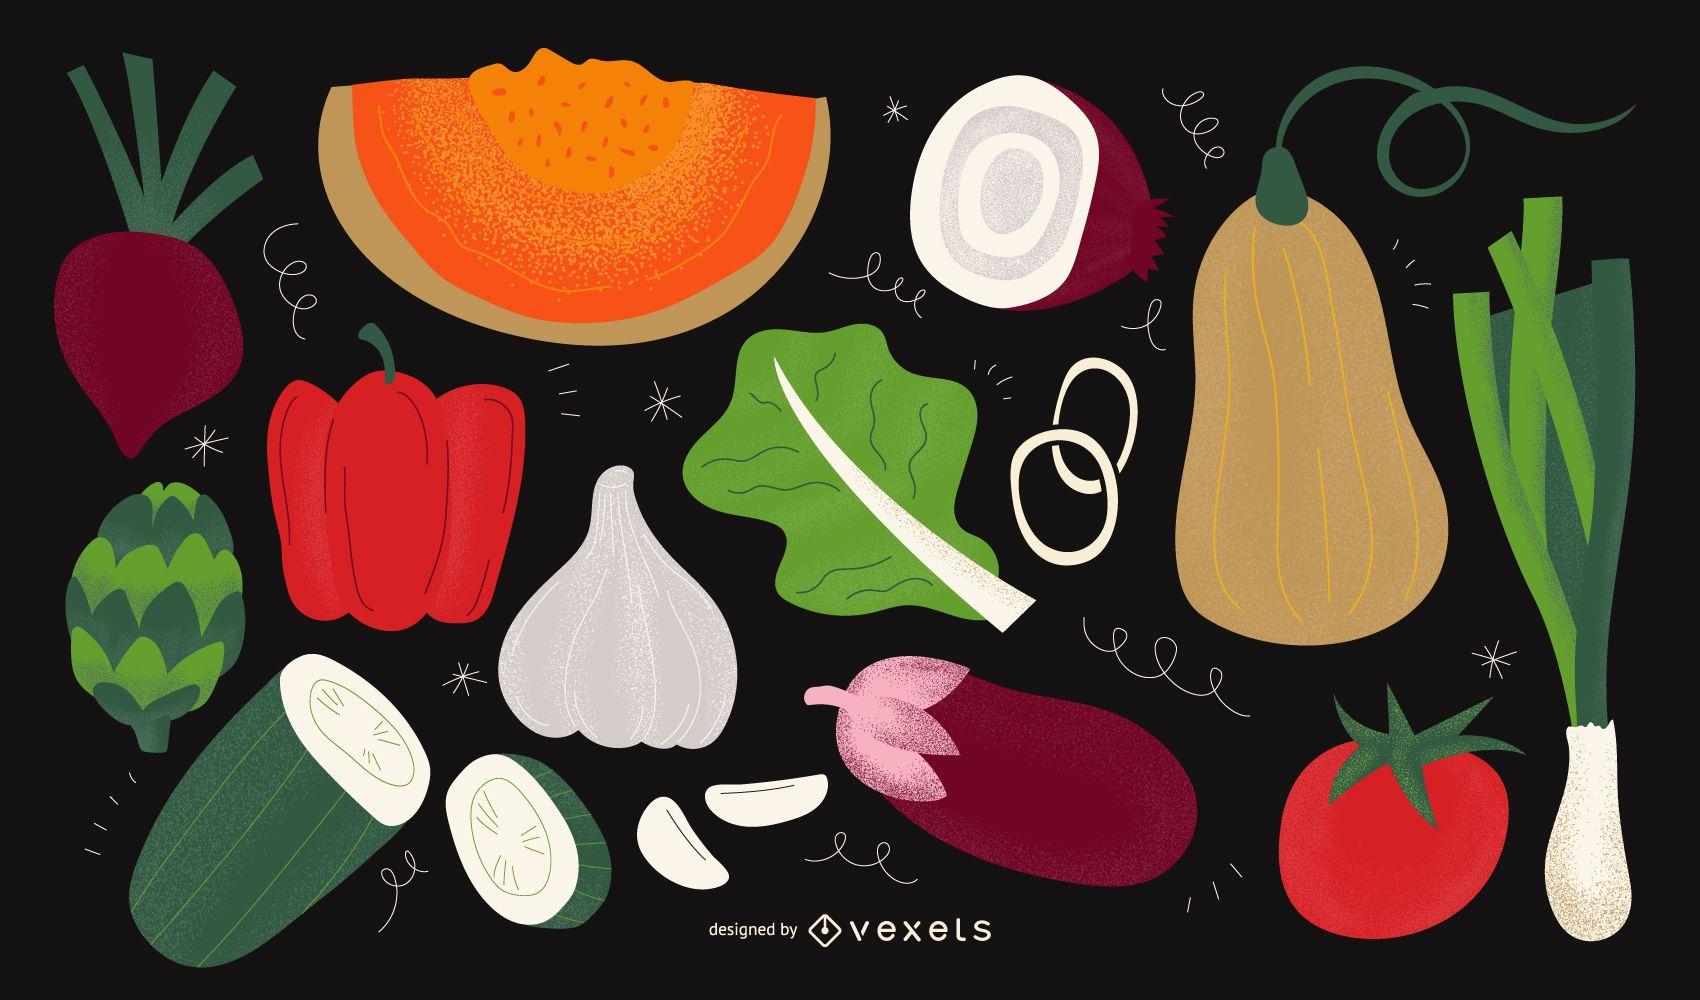 Vegetables illustration design set